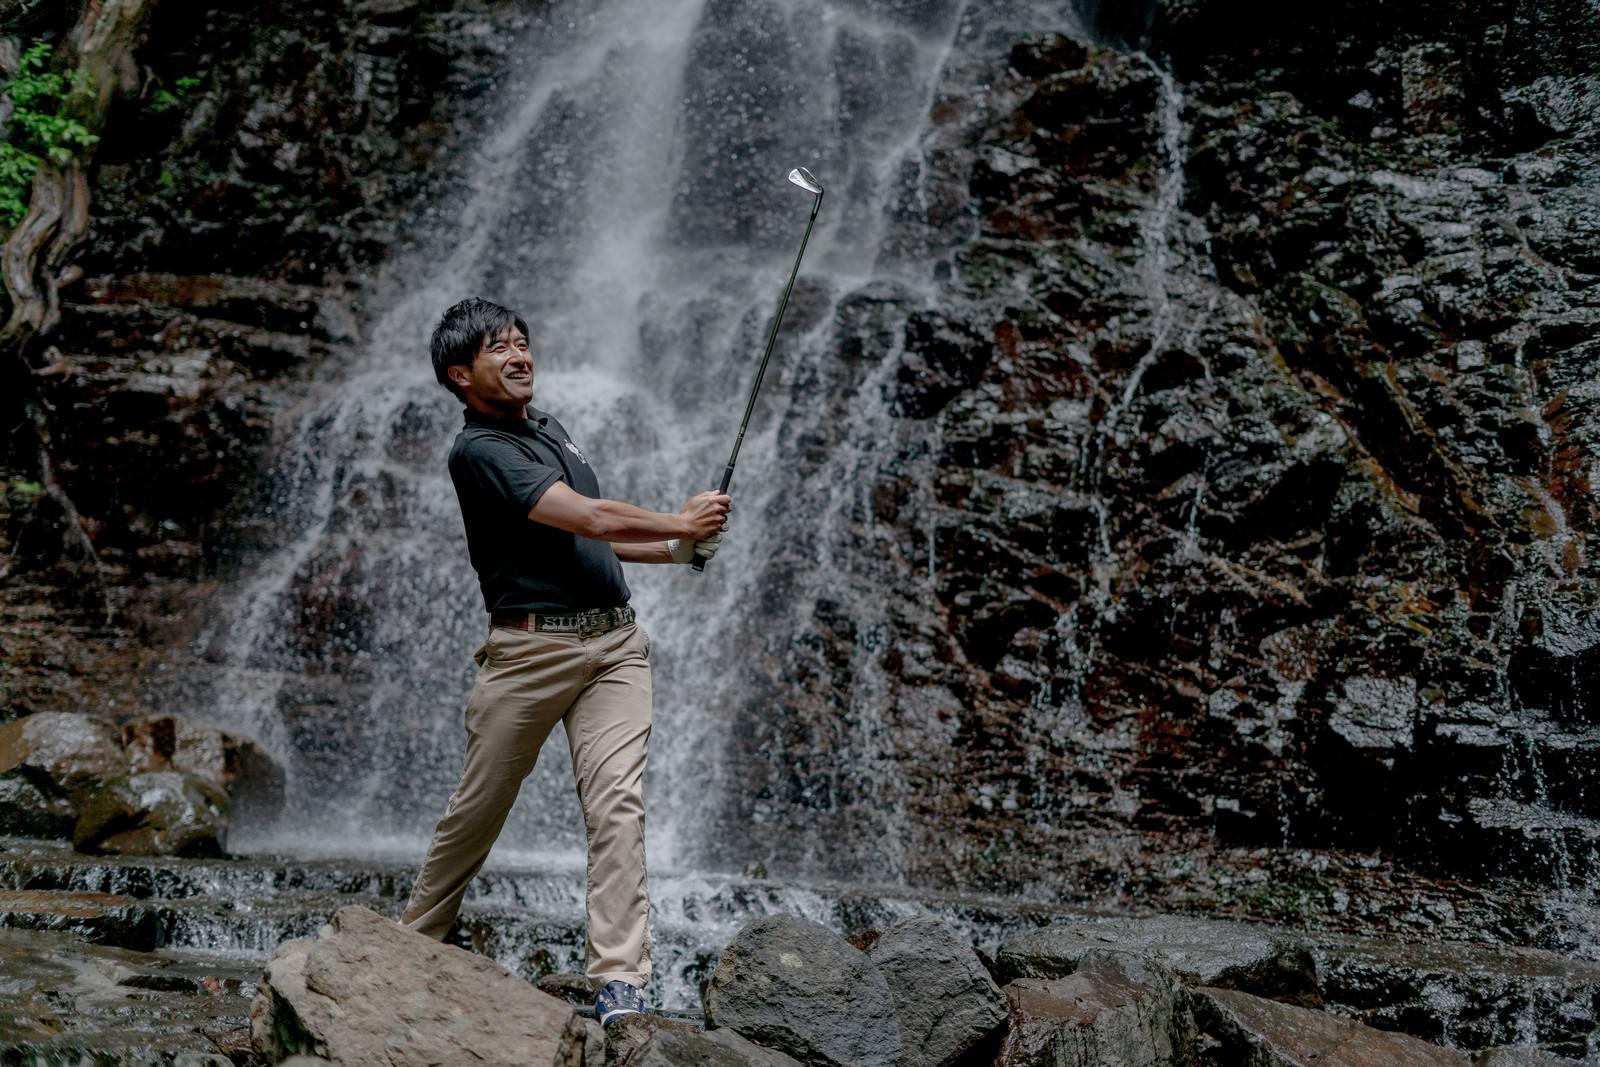 「どんな悪条件や環境下でもゴルフを楽しむゴルファー」の写真[モデル:サカモトリョウ]